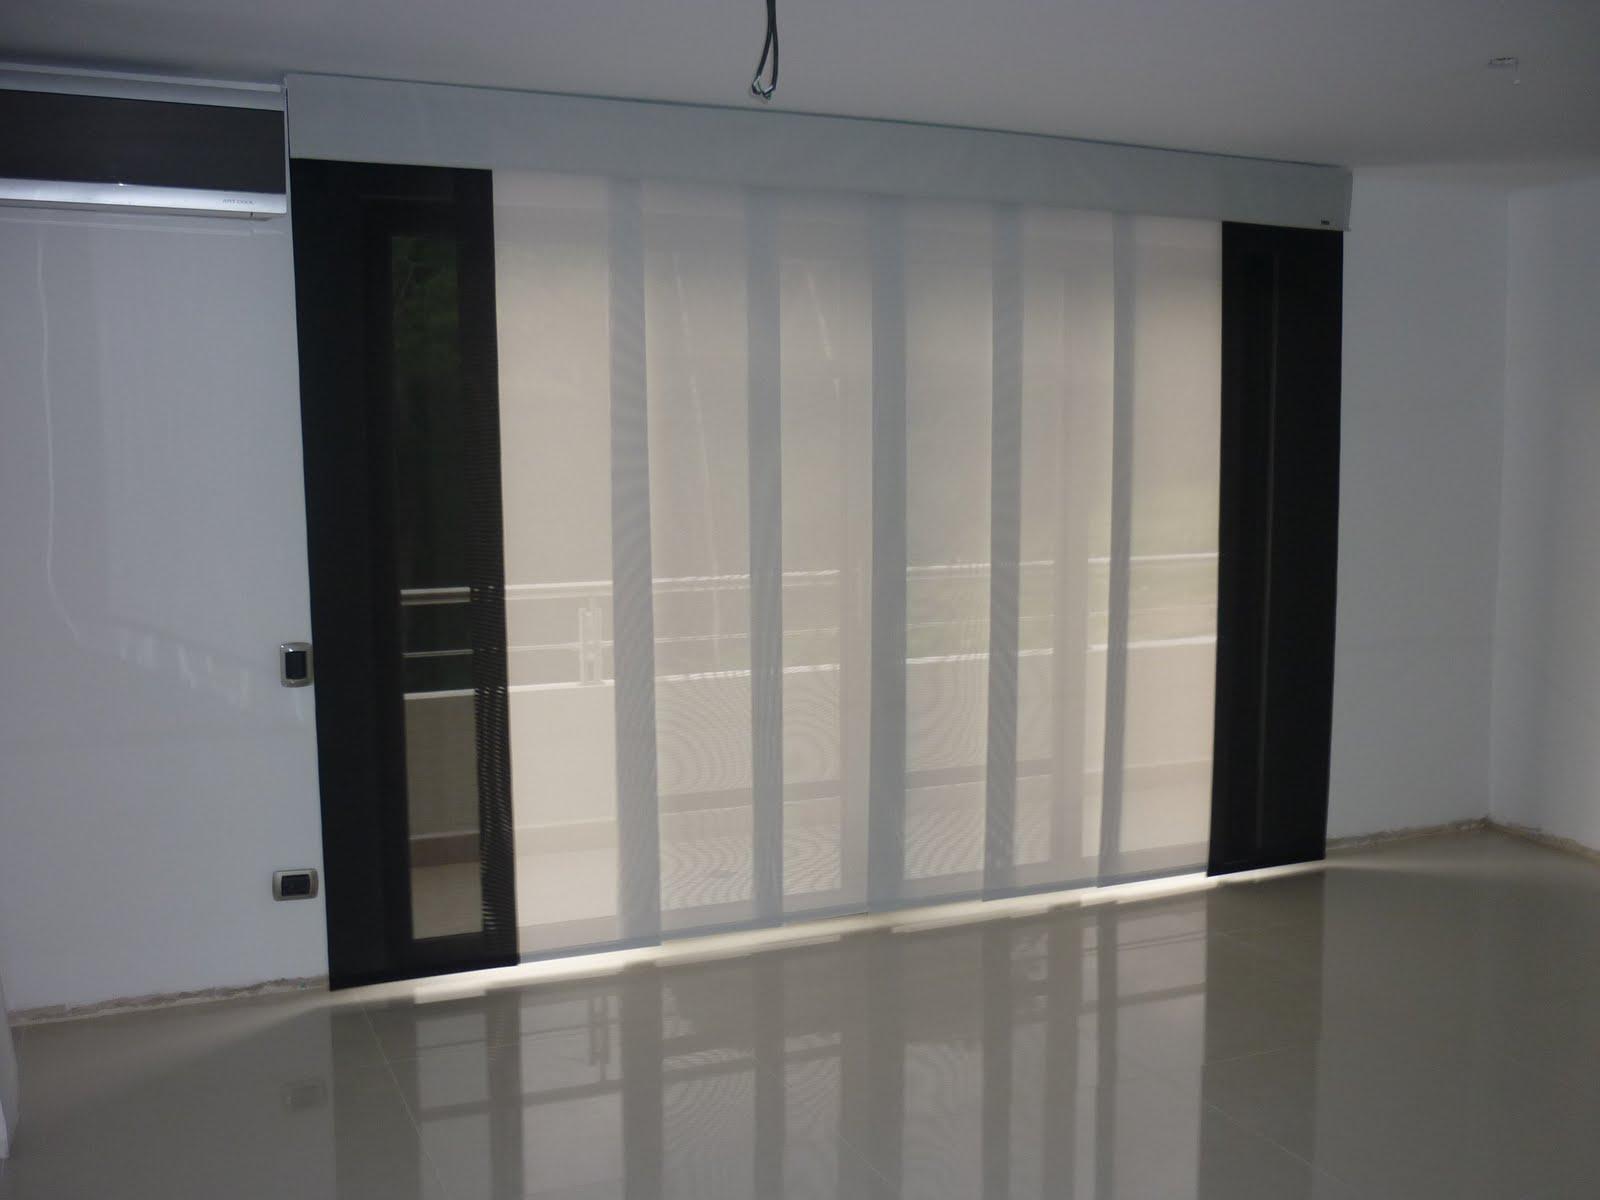 Persianas y cortinas emmanuel panel japones - Tela para panel japones ...